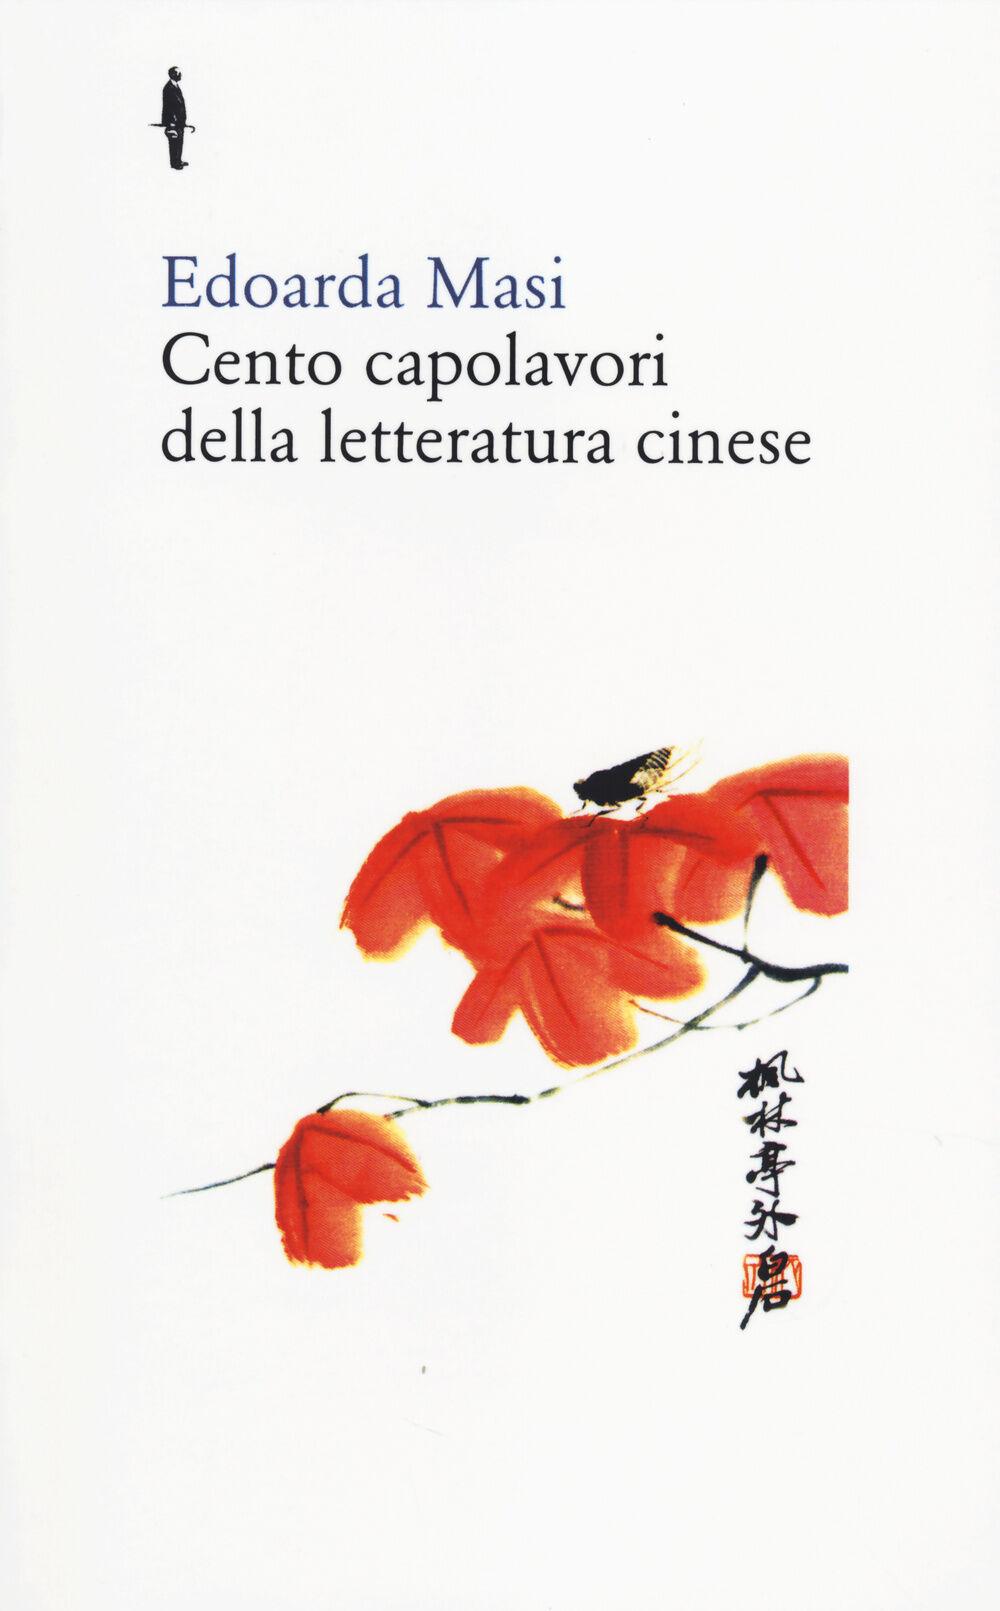 Cento capolavori della letteratura cinese